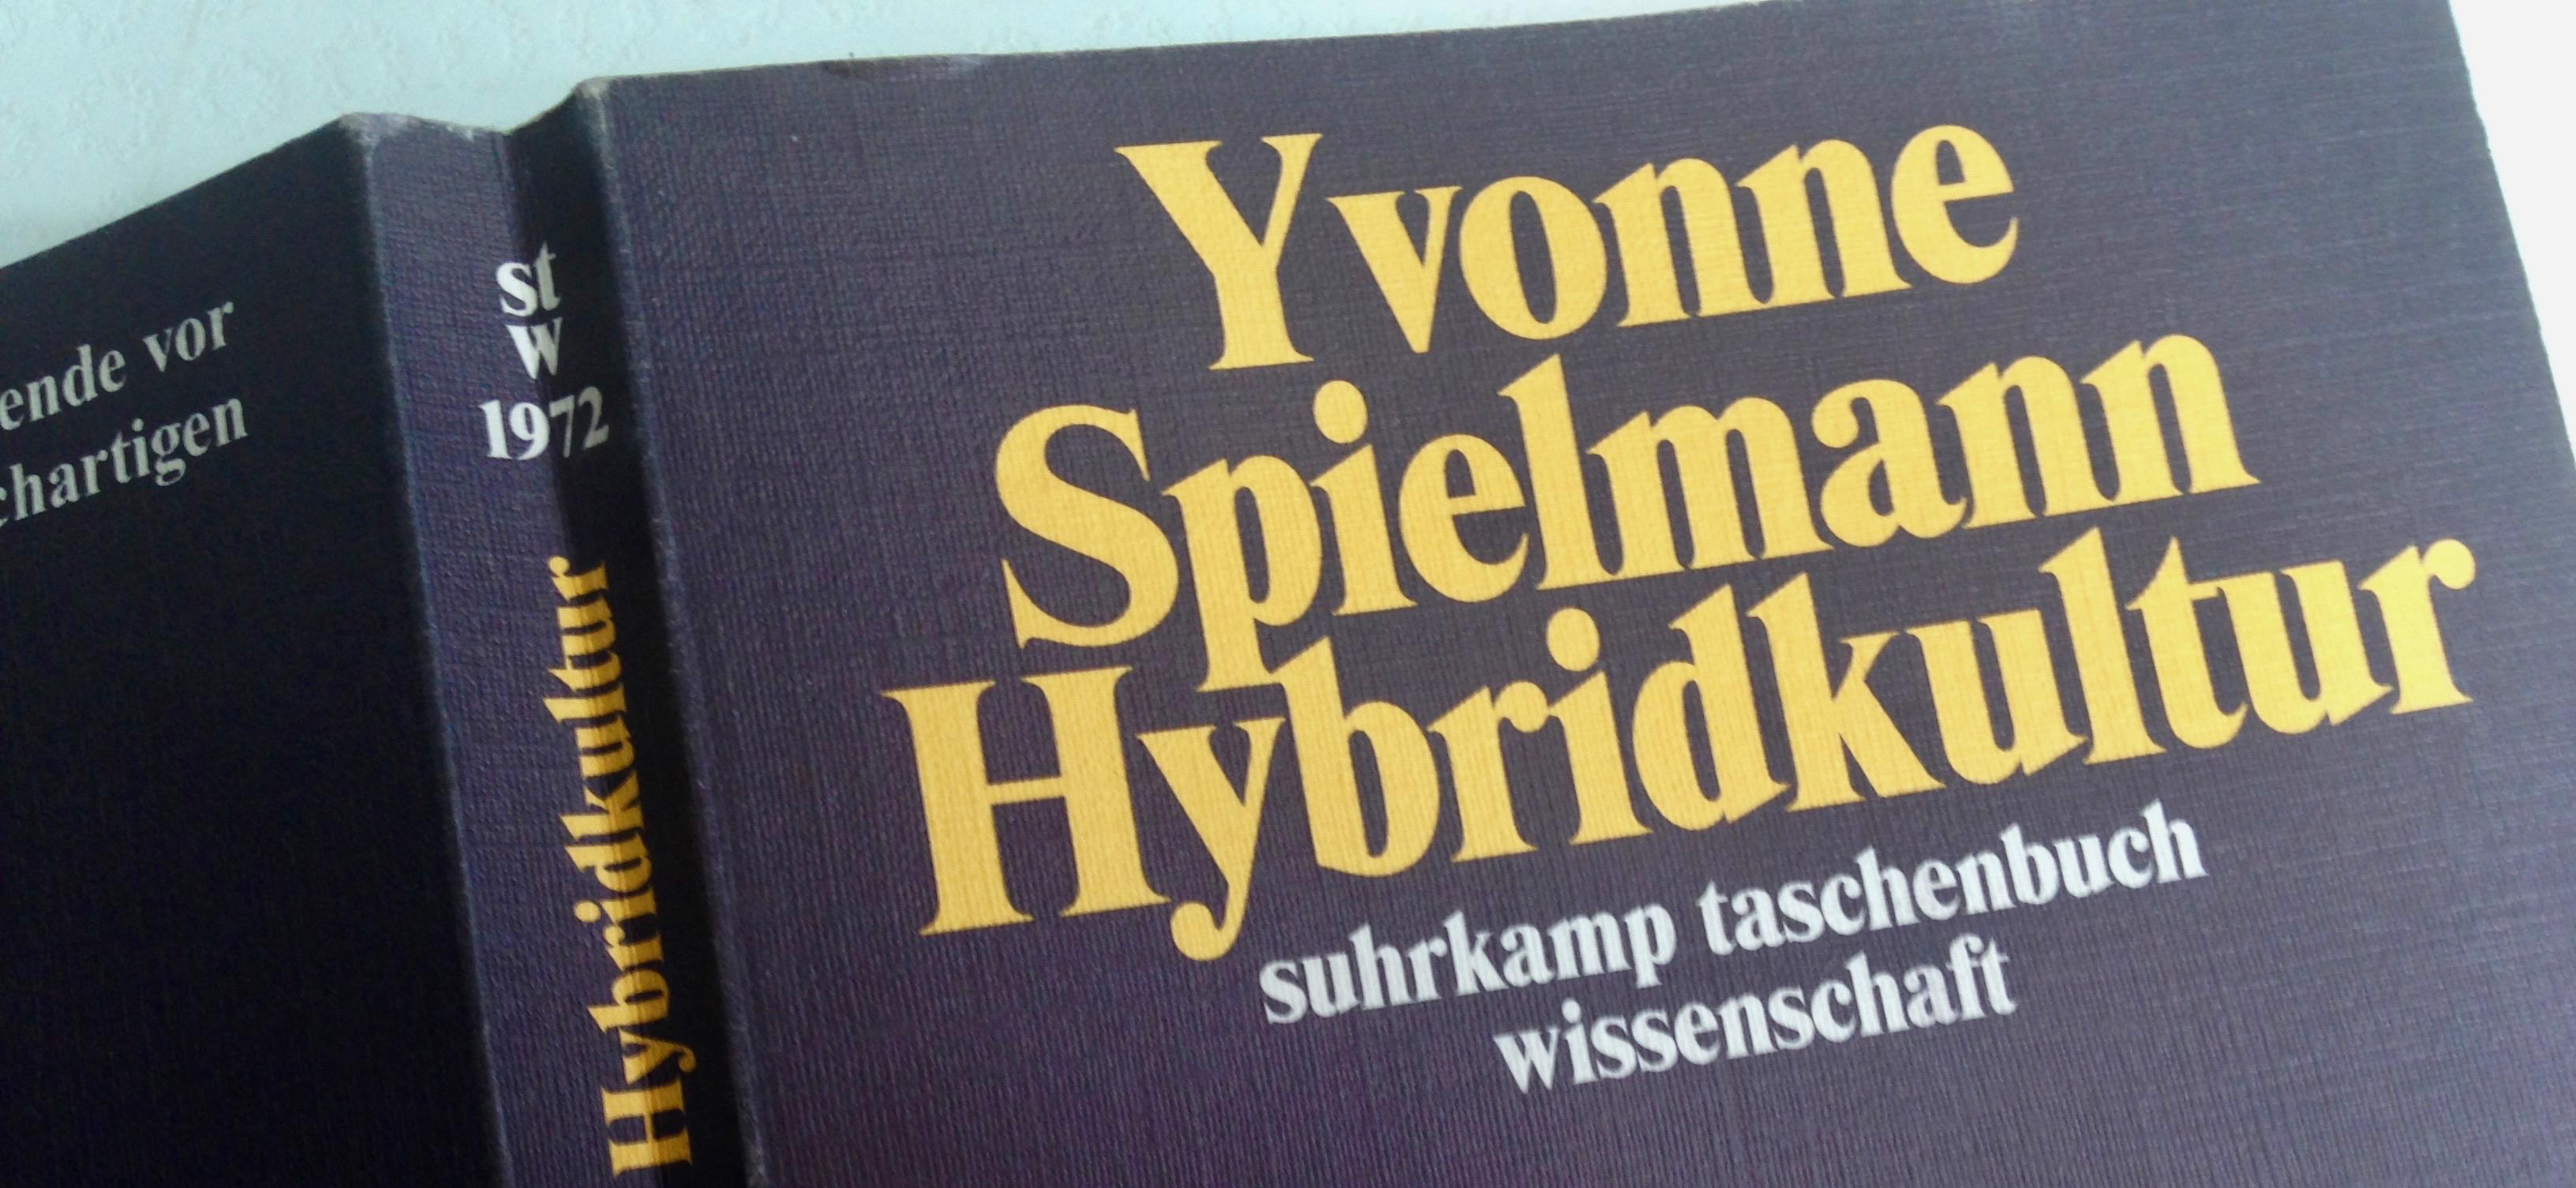 """Medienkunst aus Japan: Buchcover """"Hybridkultur"""" von Yvonne Spielmann"""